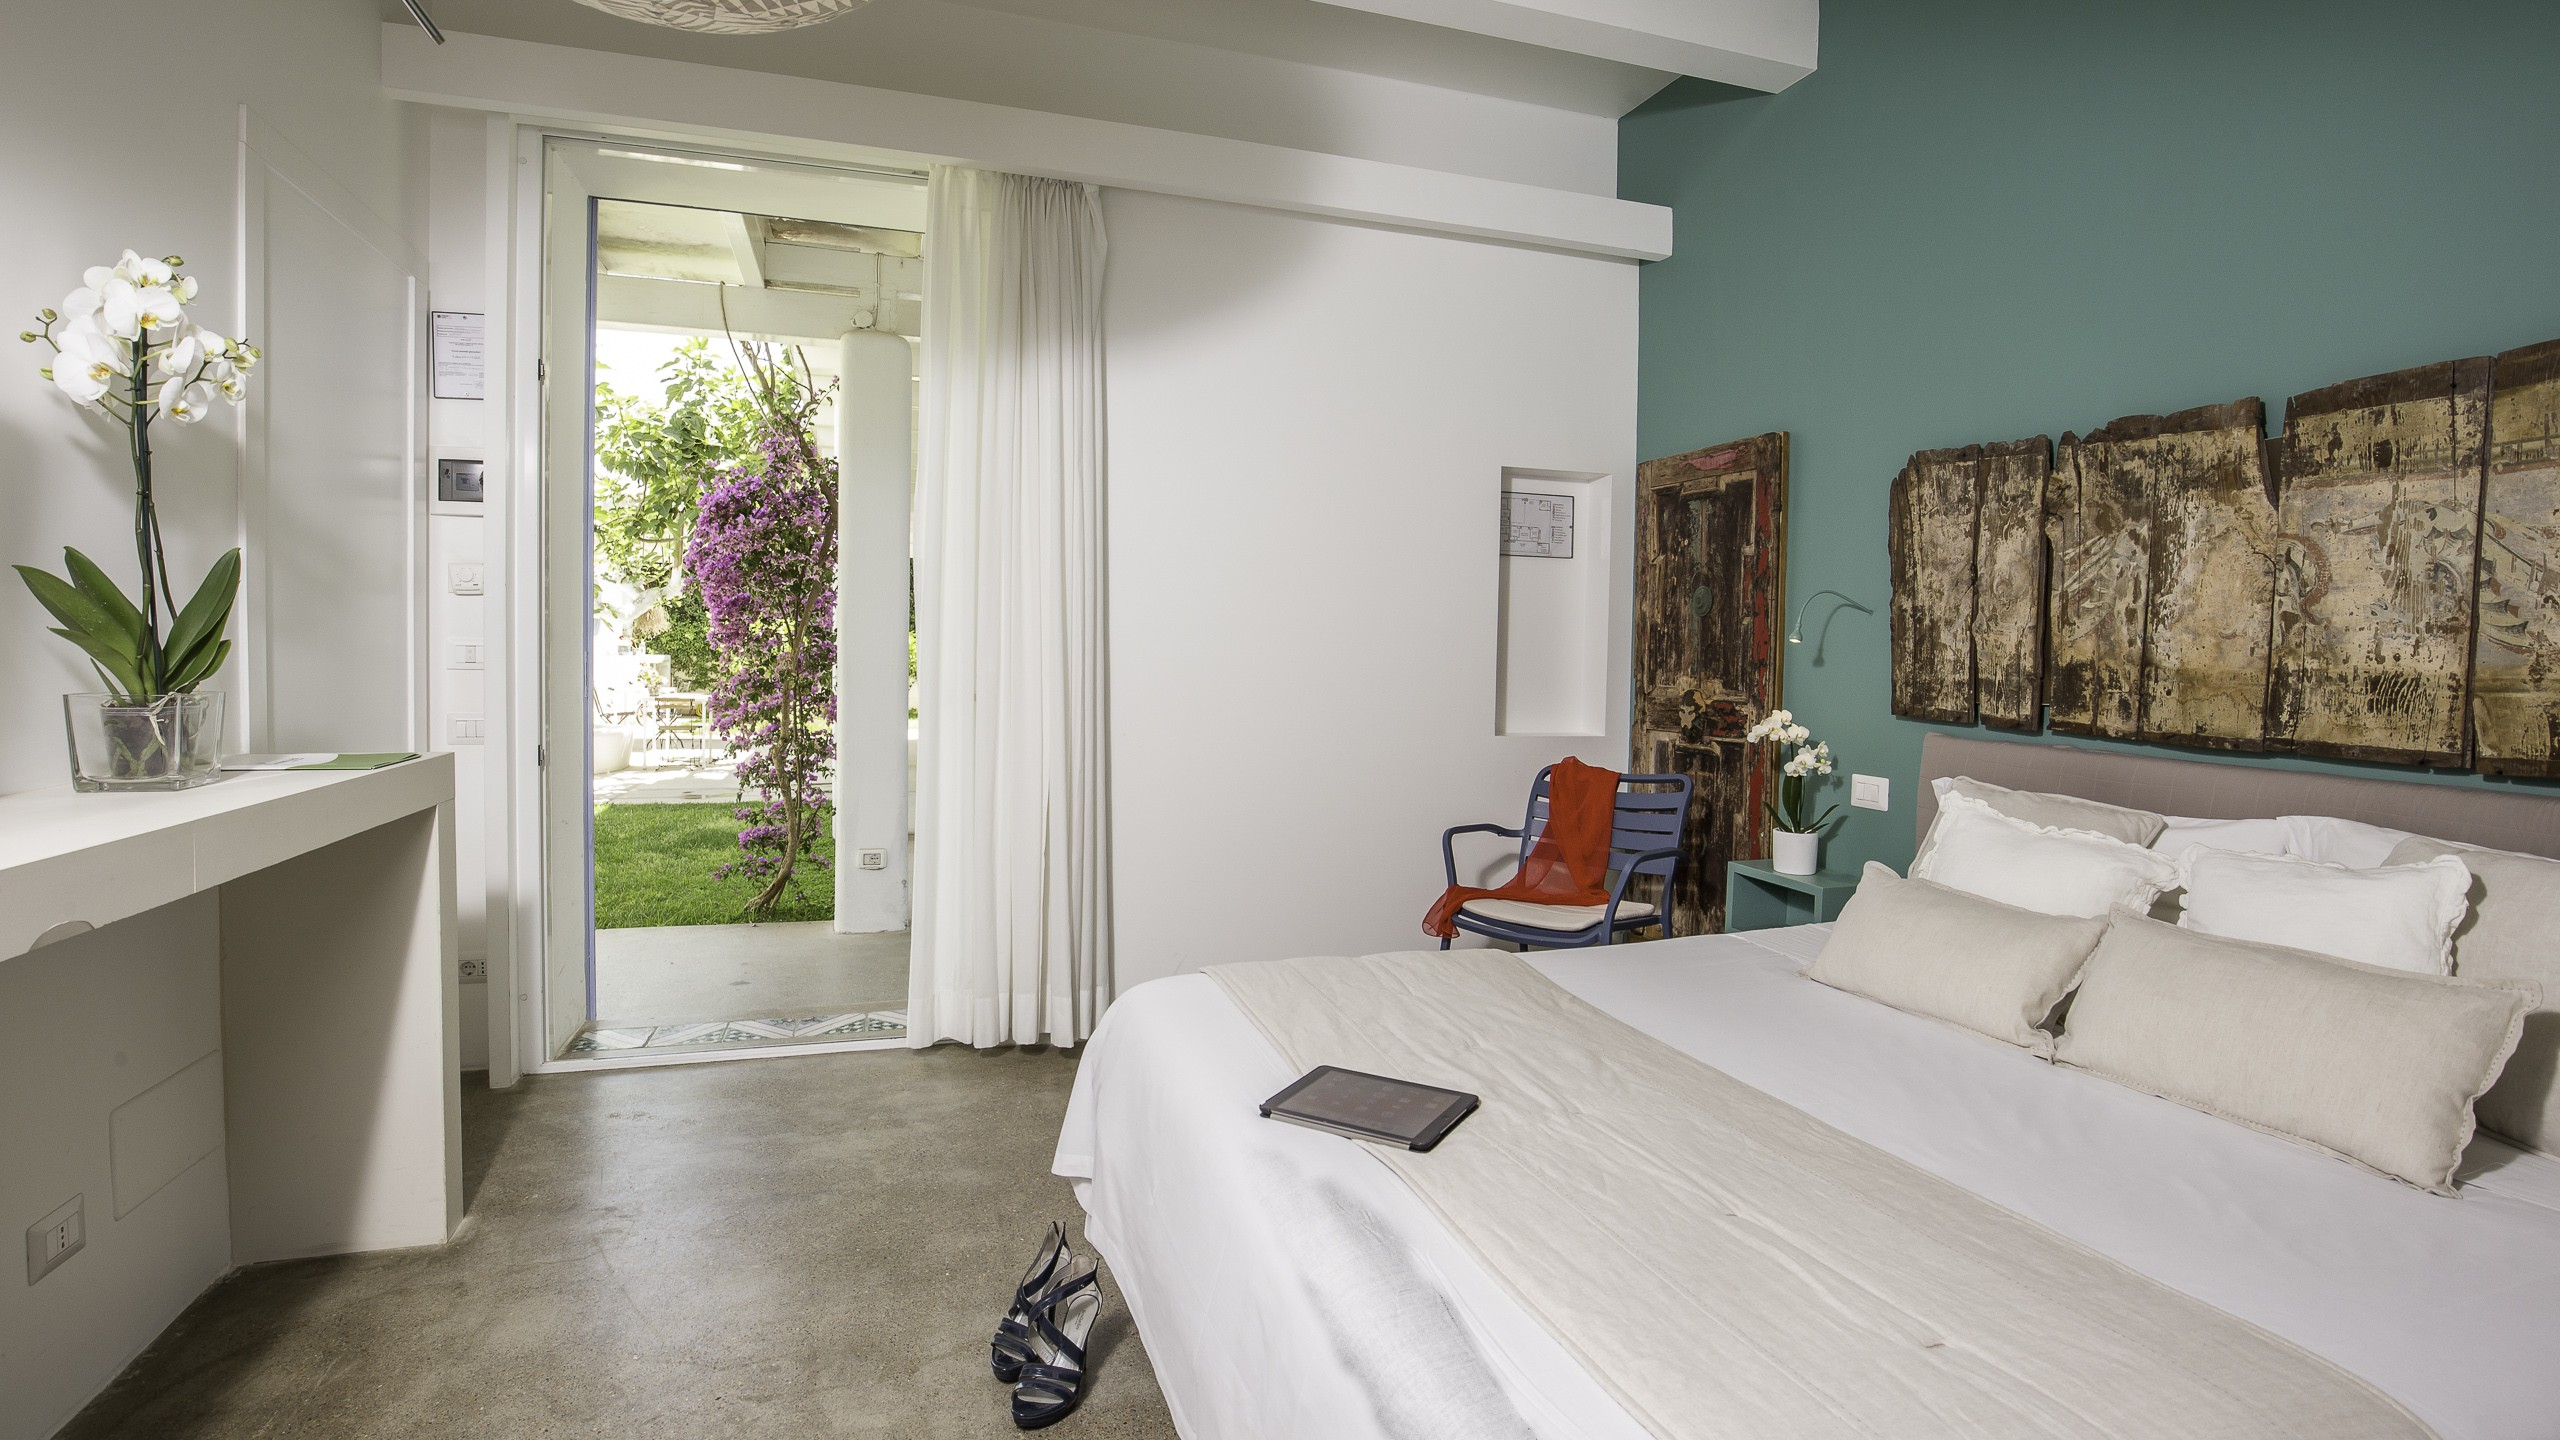 Intorno-al-Fico-Beach-hotel-fiumicino-rooms-062